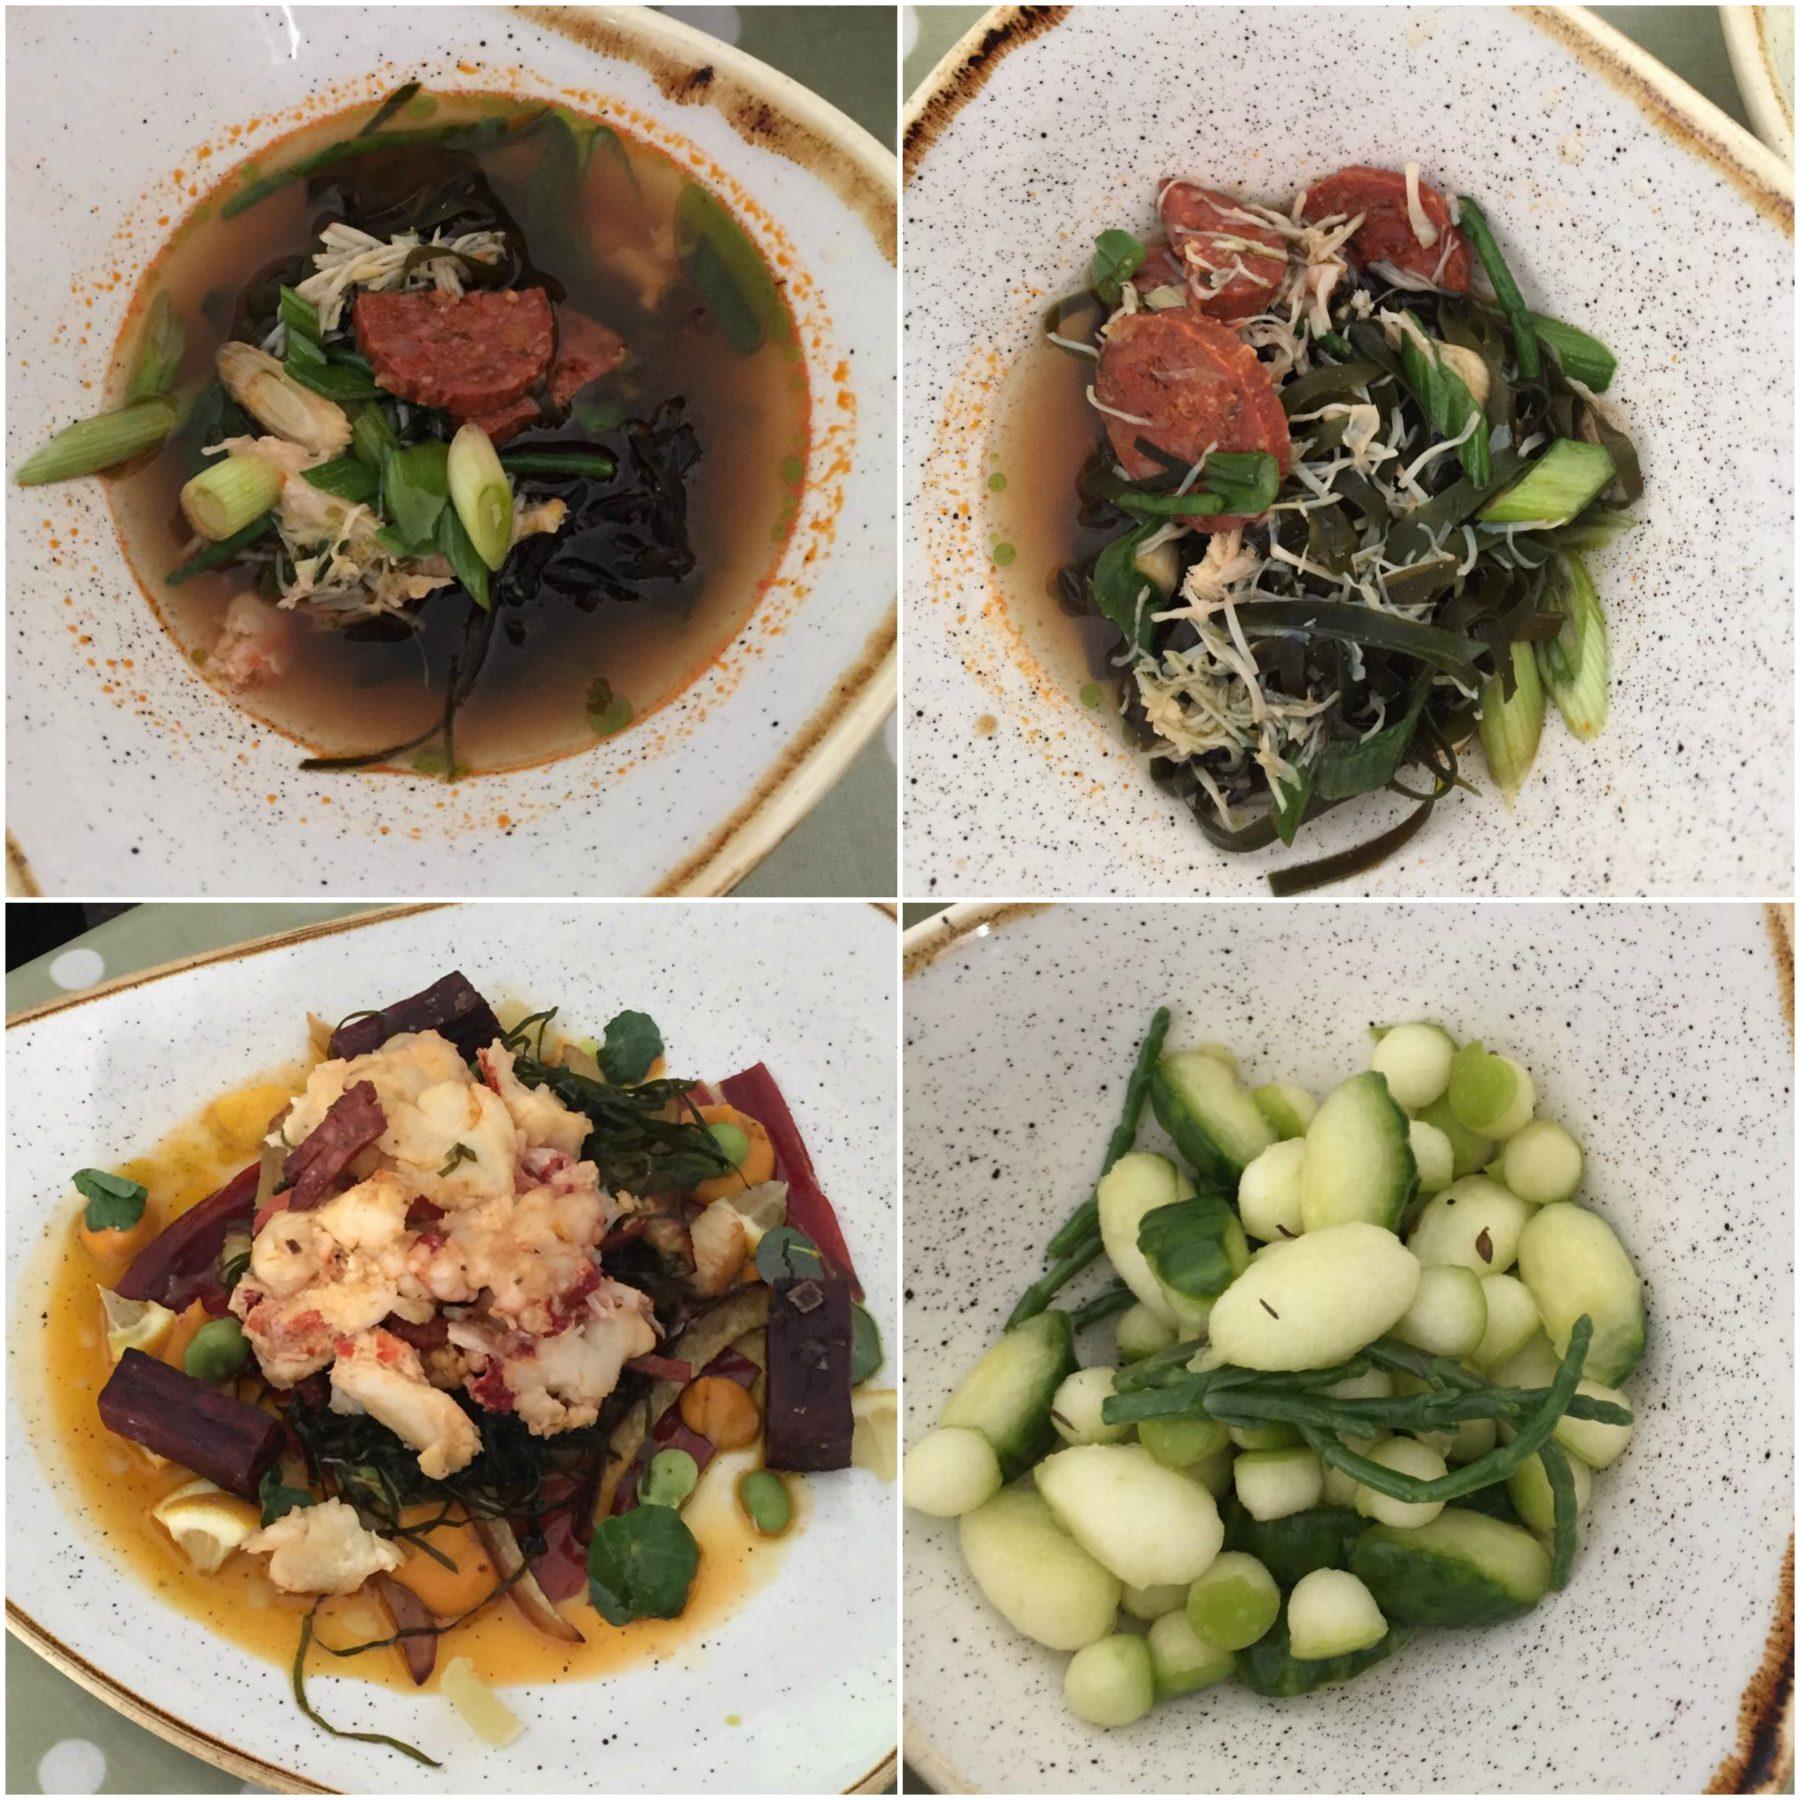 kelp food ingredients seaweed